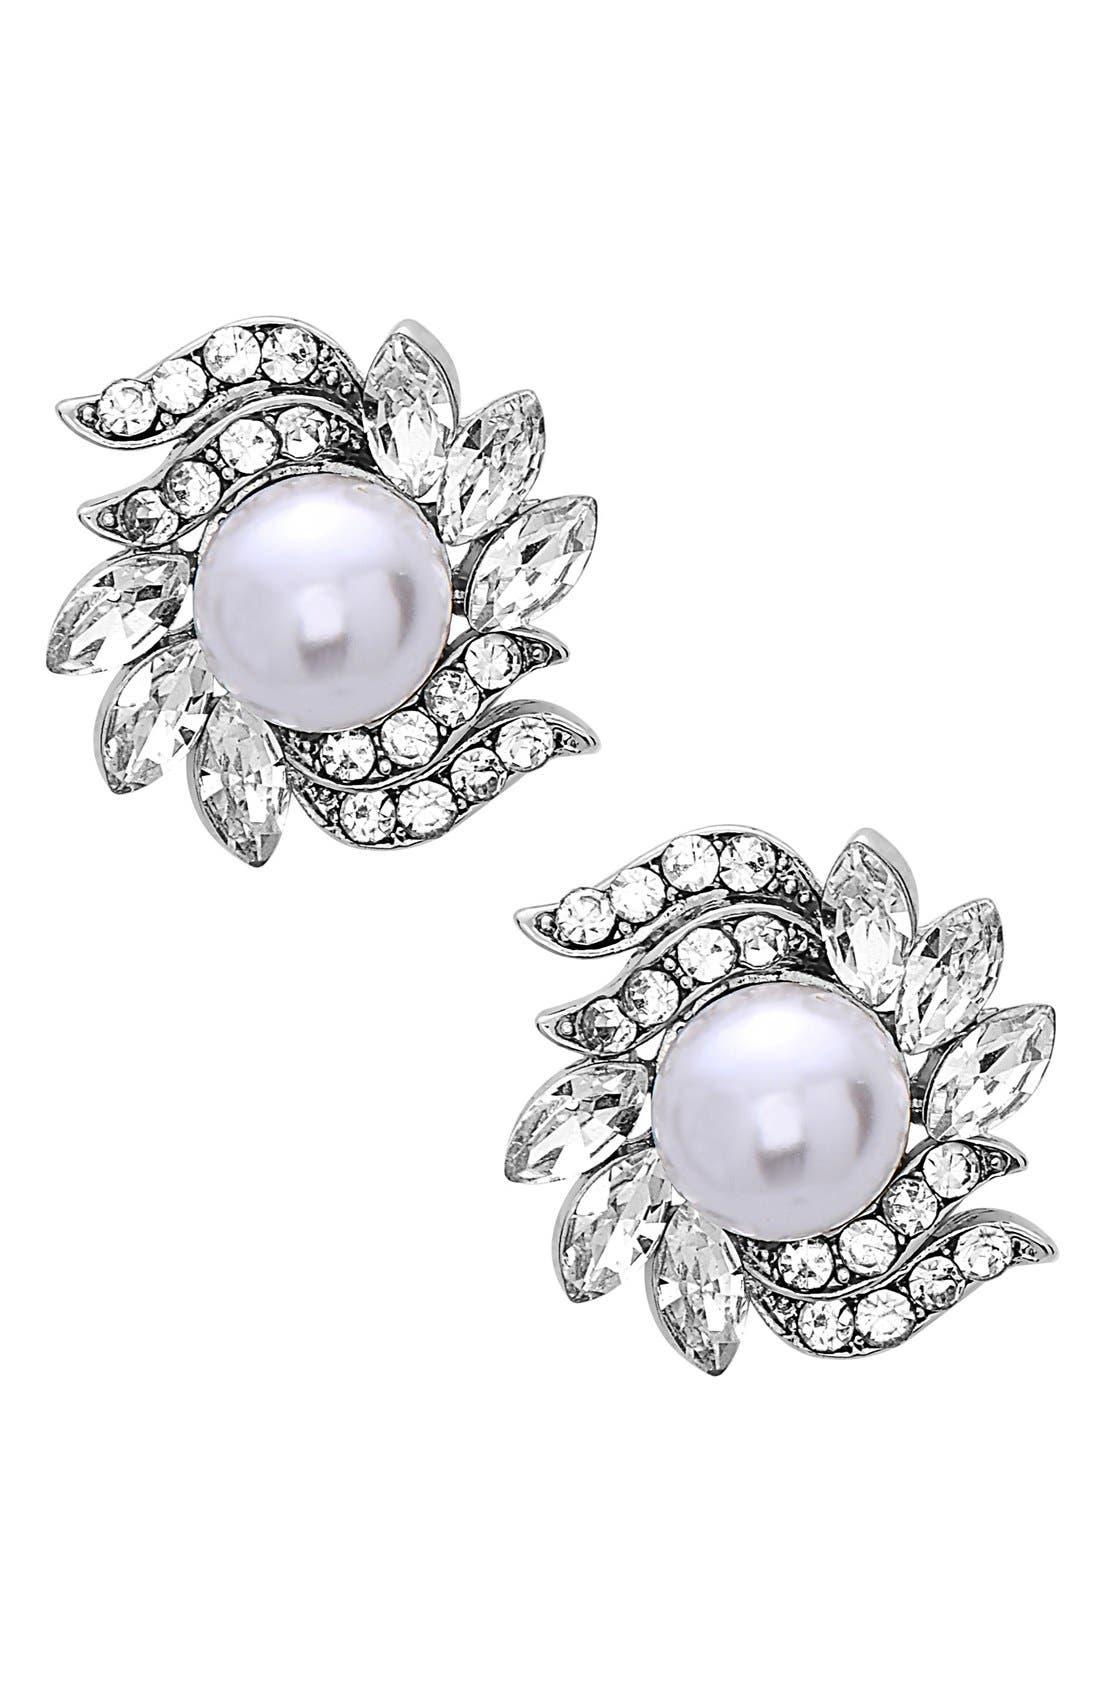 Alternate Image 1 Selected - Nina Crystal & Faux Pearl Floral Stud Earrings